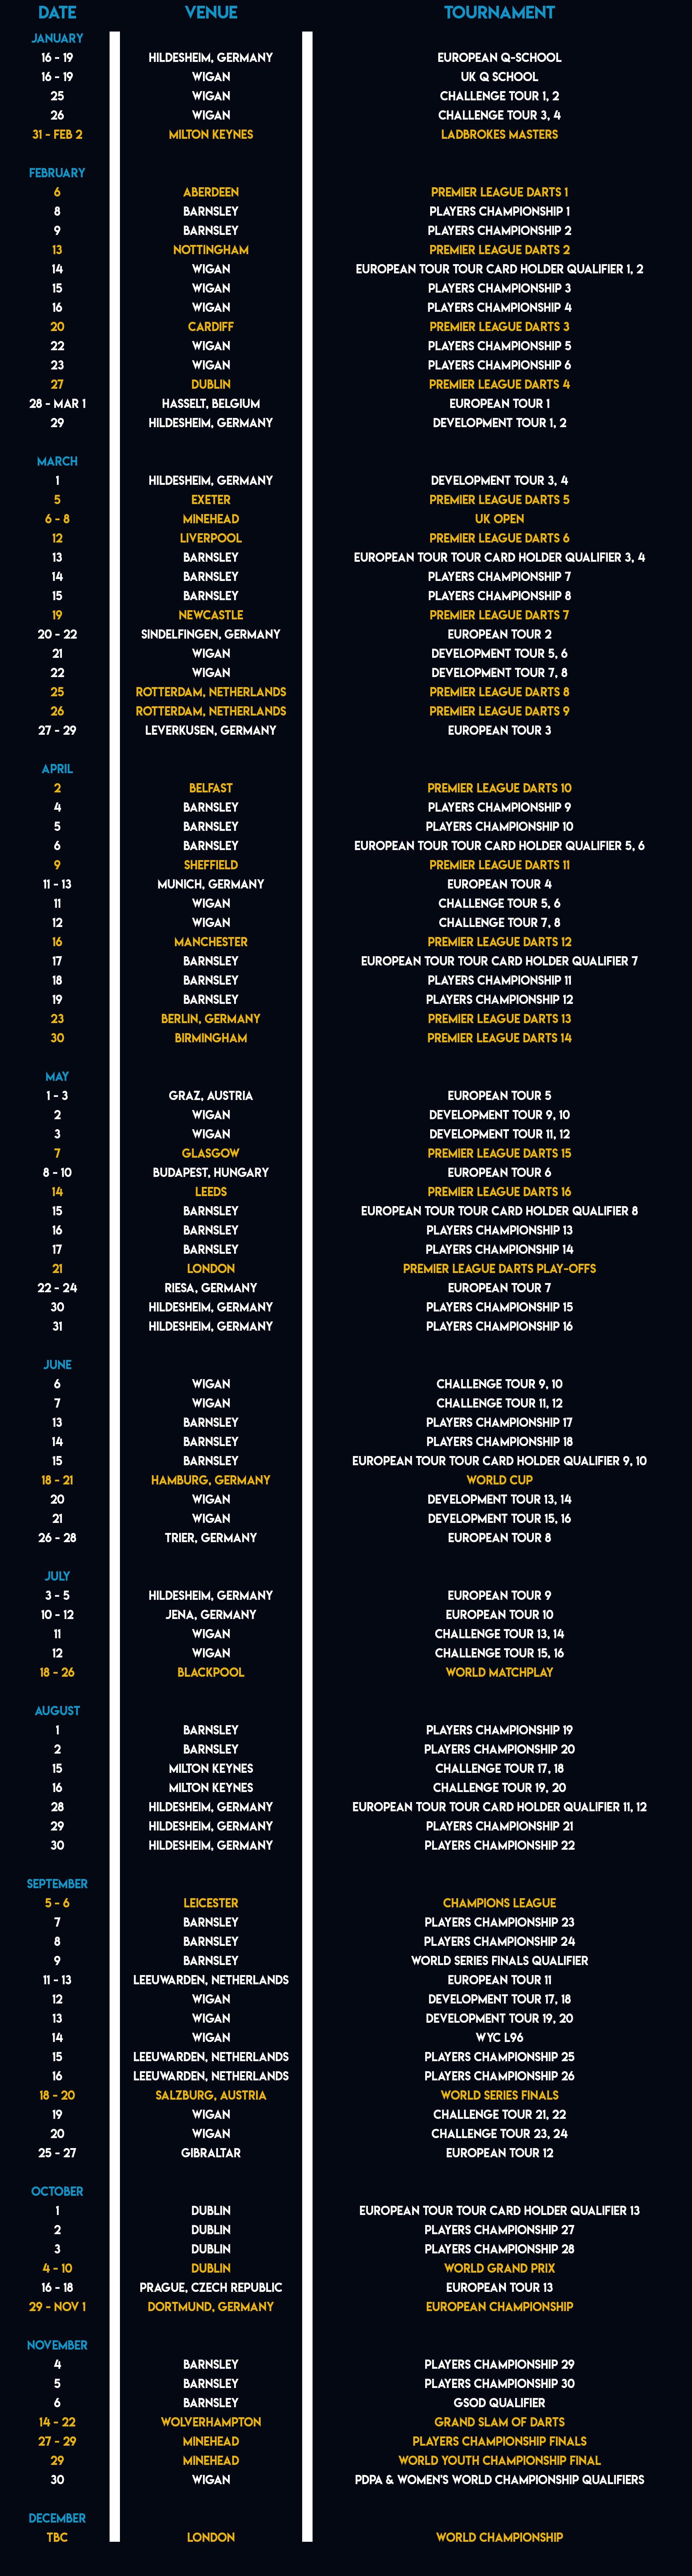 2020 PDC Calendar (PDC)